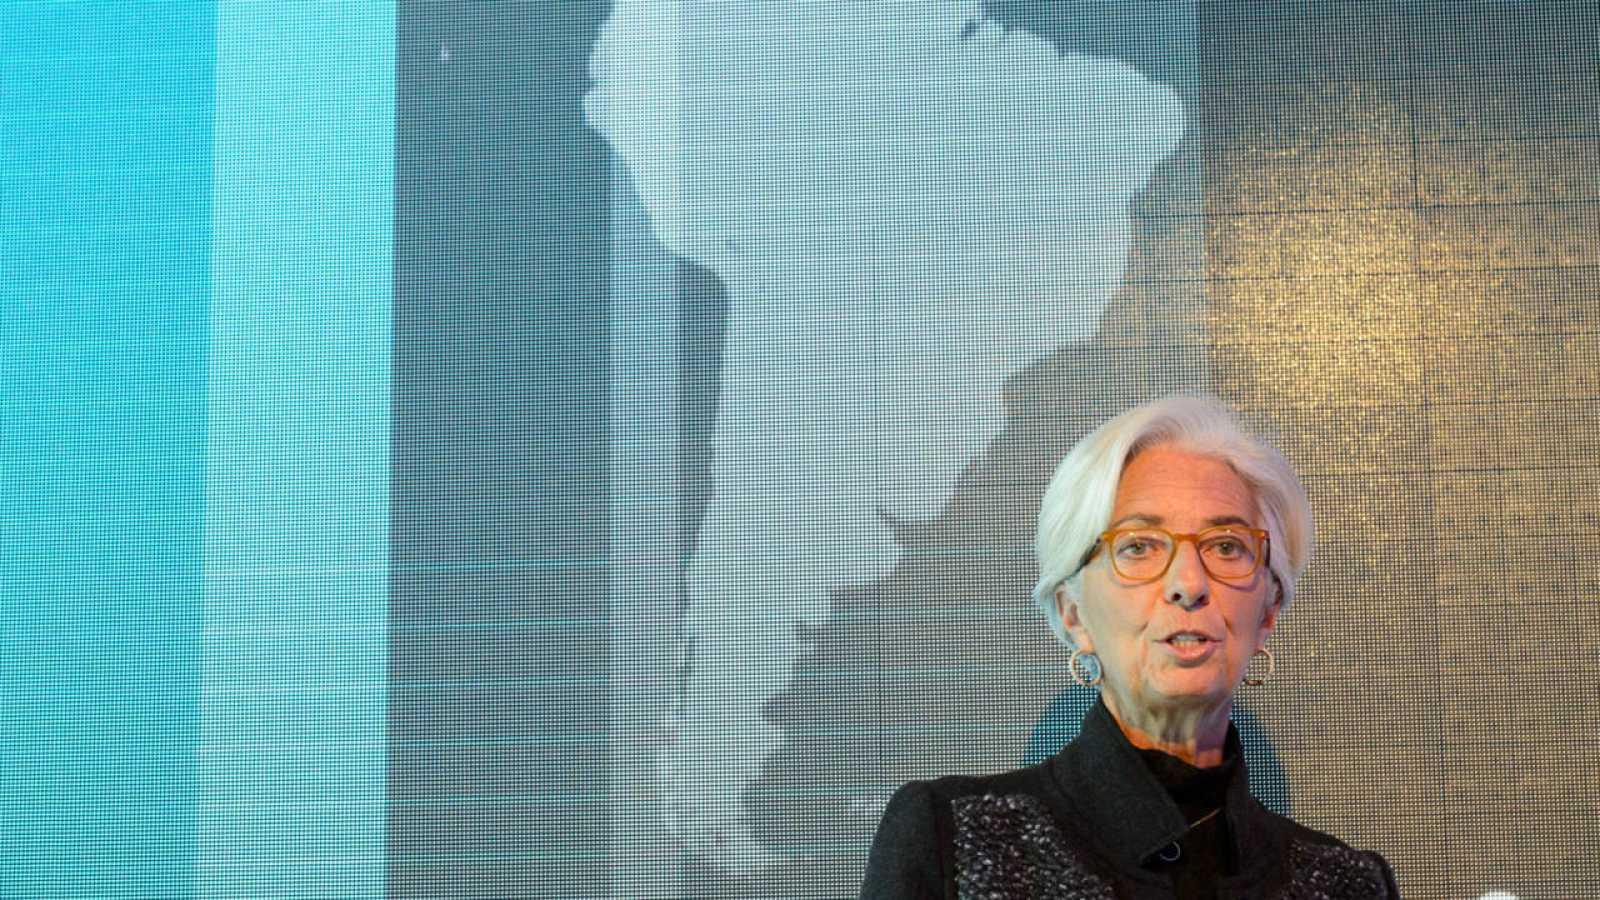 La directora gerente del FMI, Christine Lagarde, en Davos (Suiza) el pasado 20 de enero